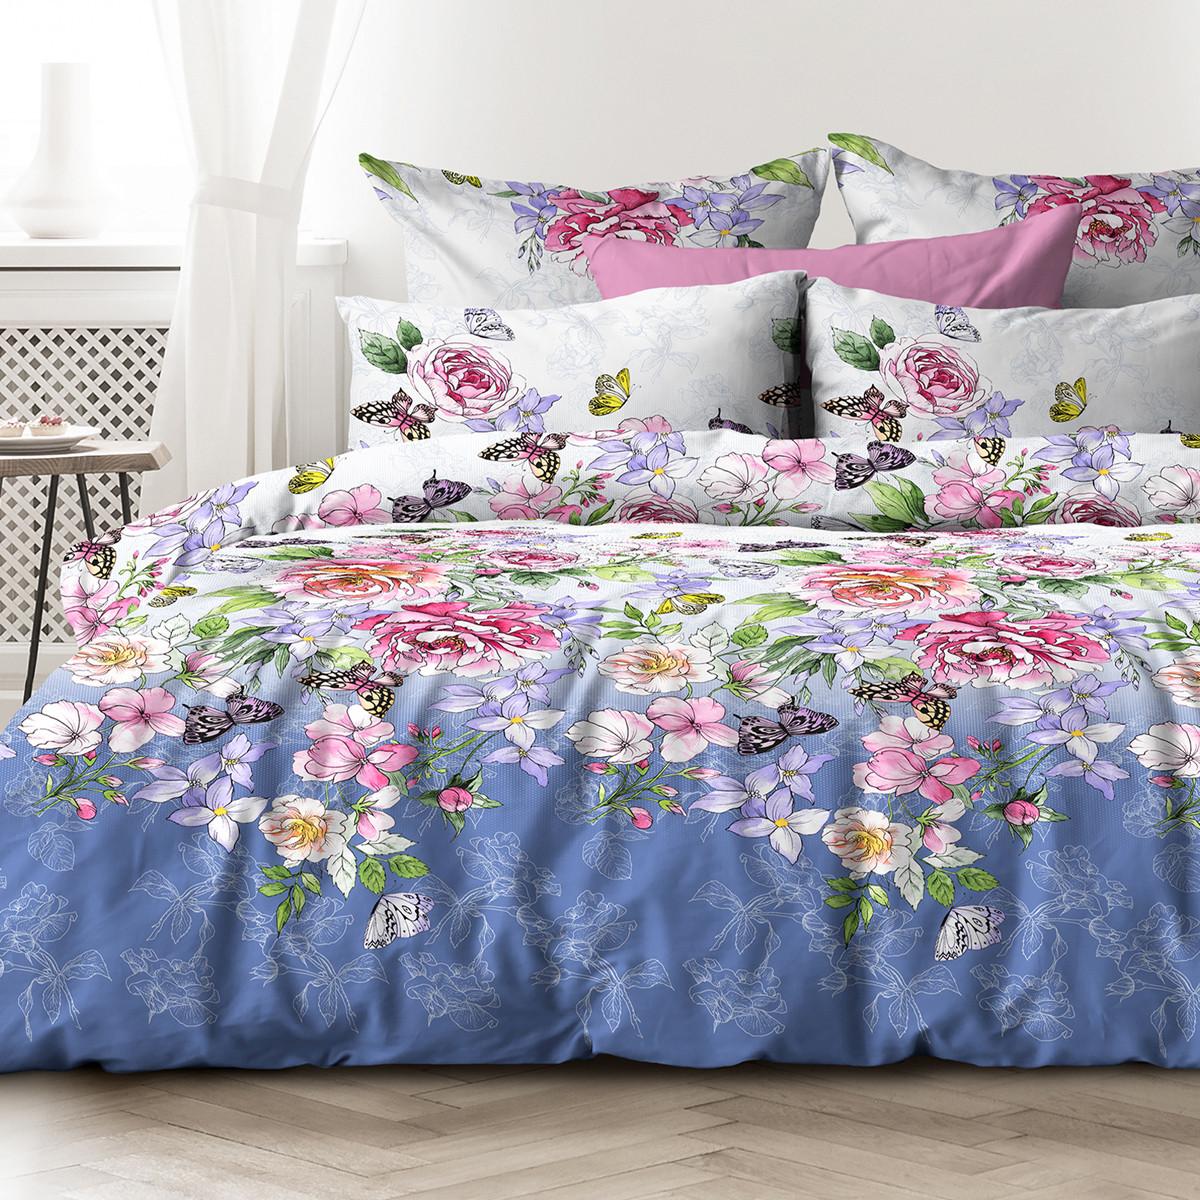 Любимый дом Комплект постельного белья  Райский сад, Дуэт( семейный набор)